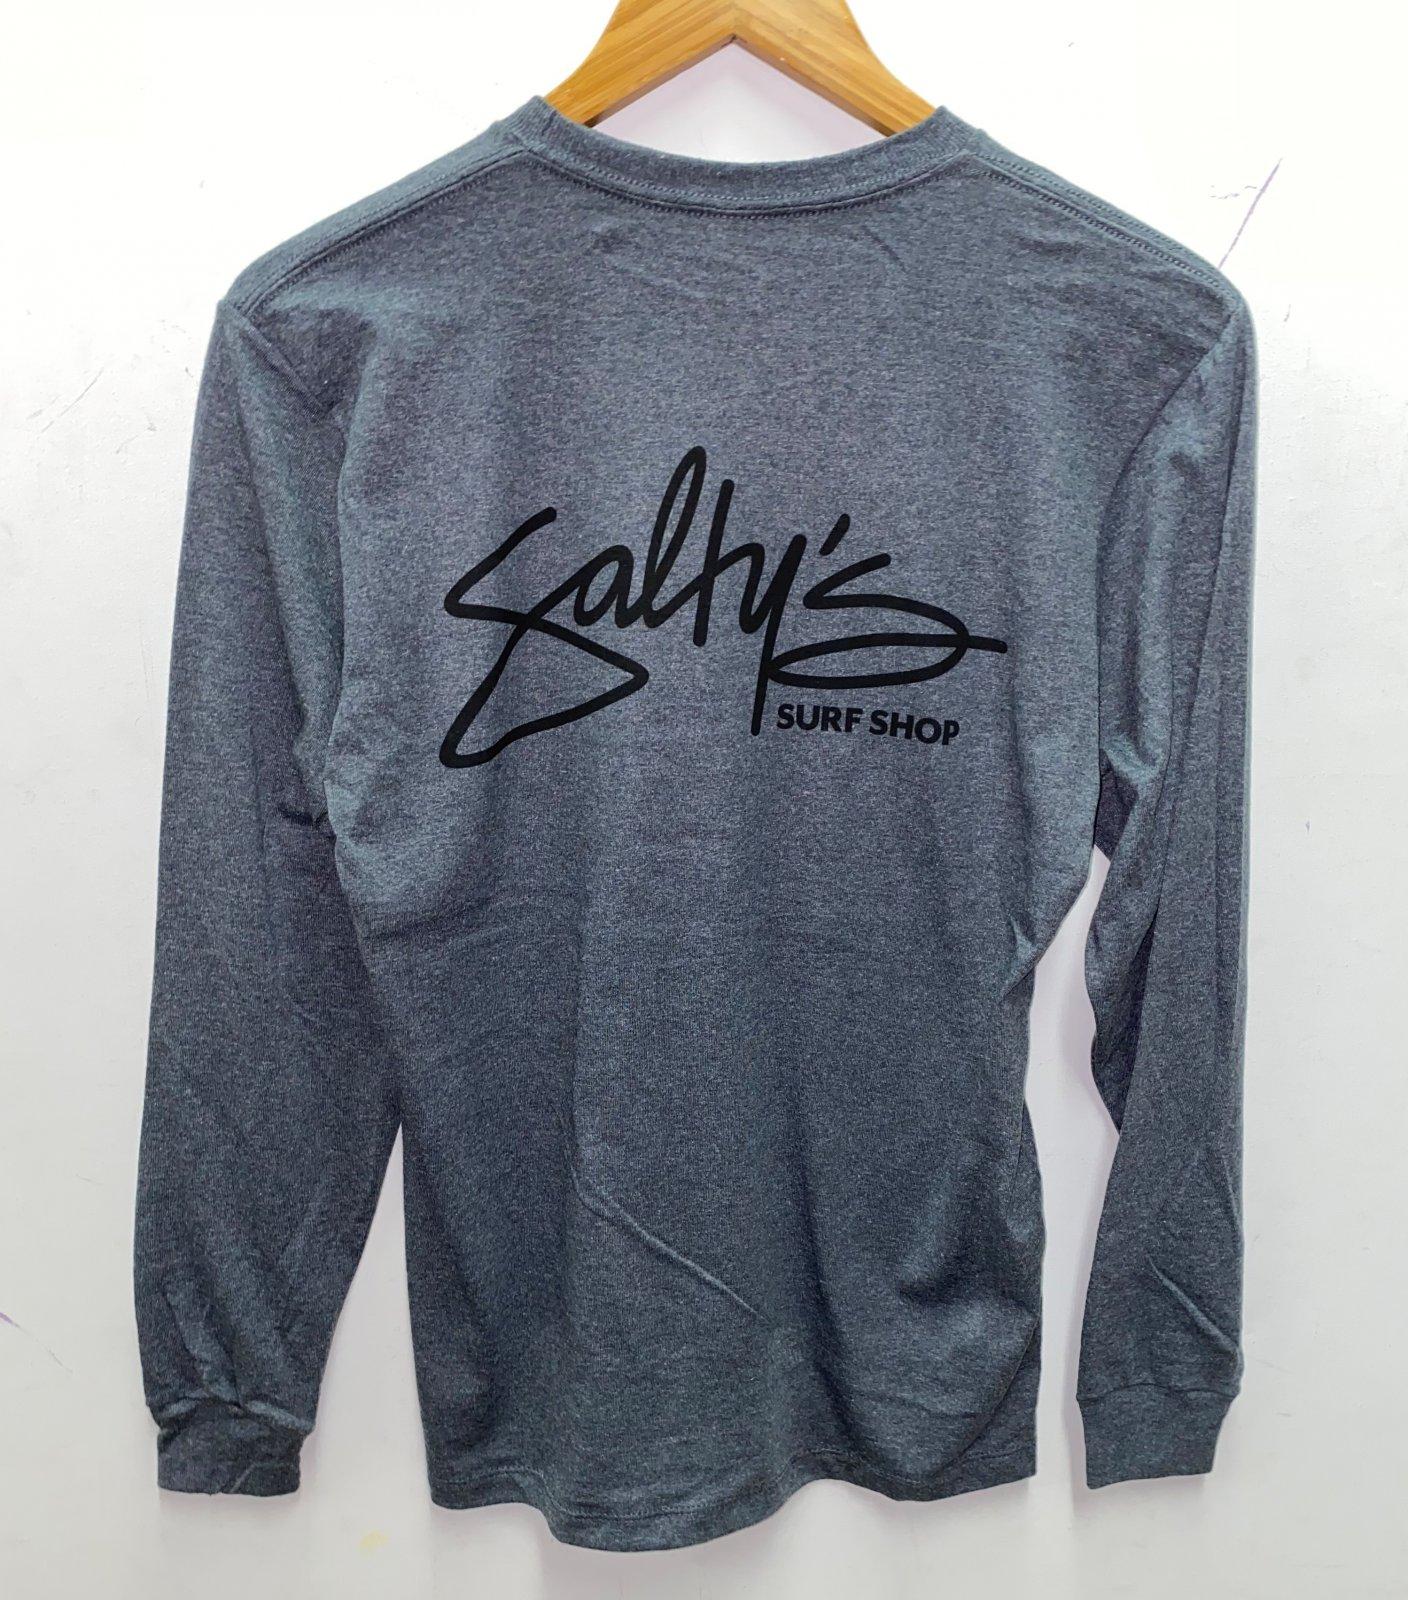 Salty's Brand Back Print Logo L/S T-Shirt - Excalibur/Black Ink